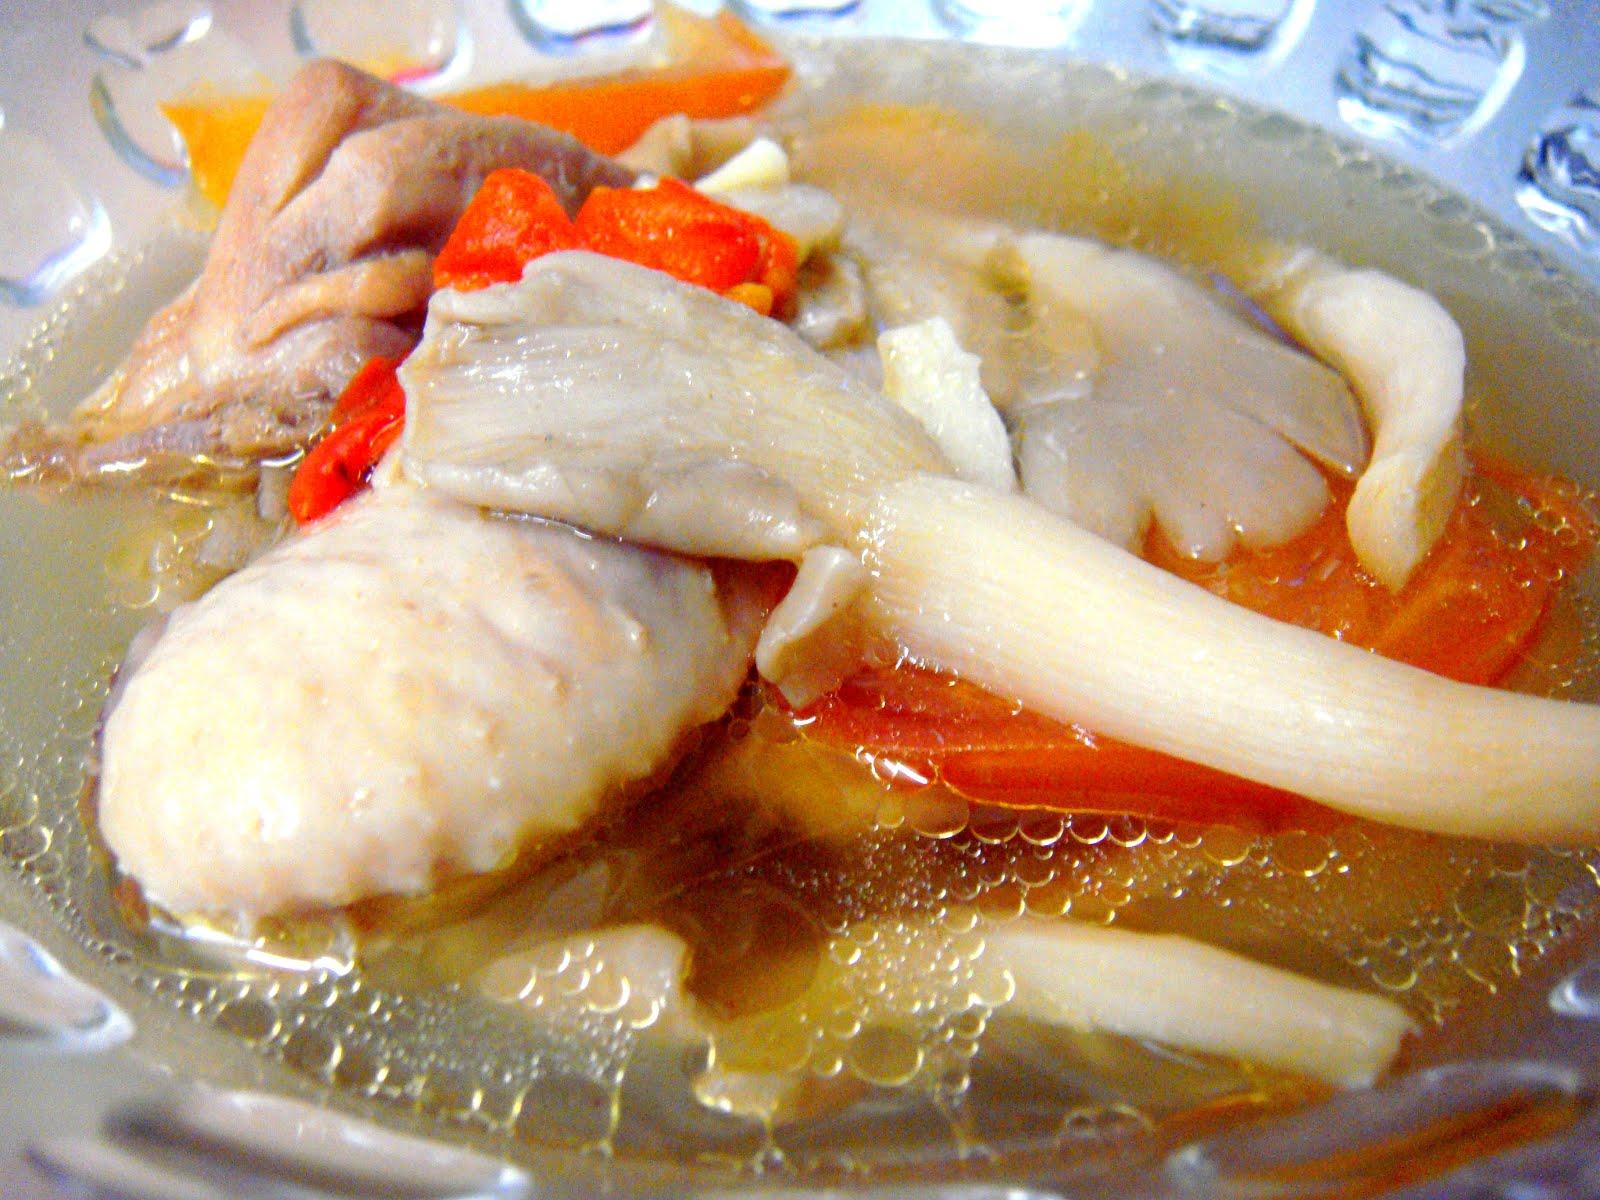 Resepi Ayam Masak Sos Tiram Ala Cina - Resepi Nasi Ayam Hainan Ala Cina Paling Simple Dan Sedap